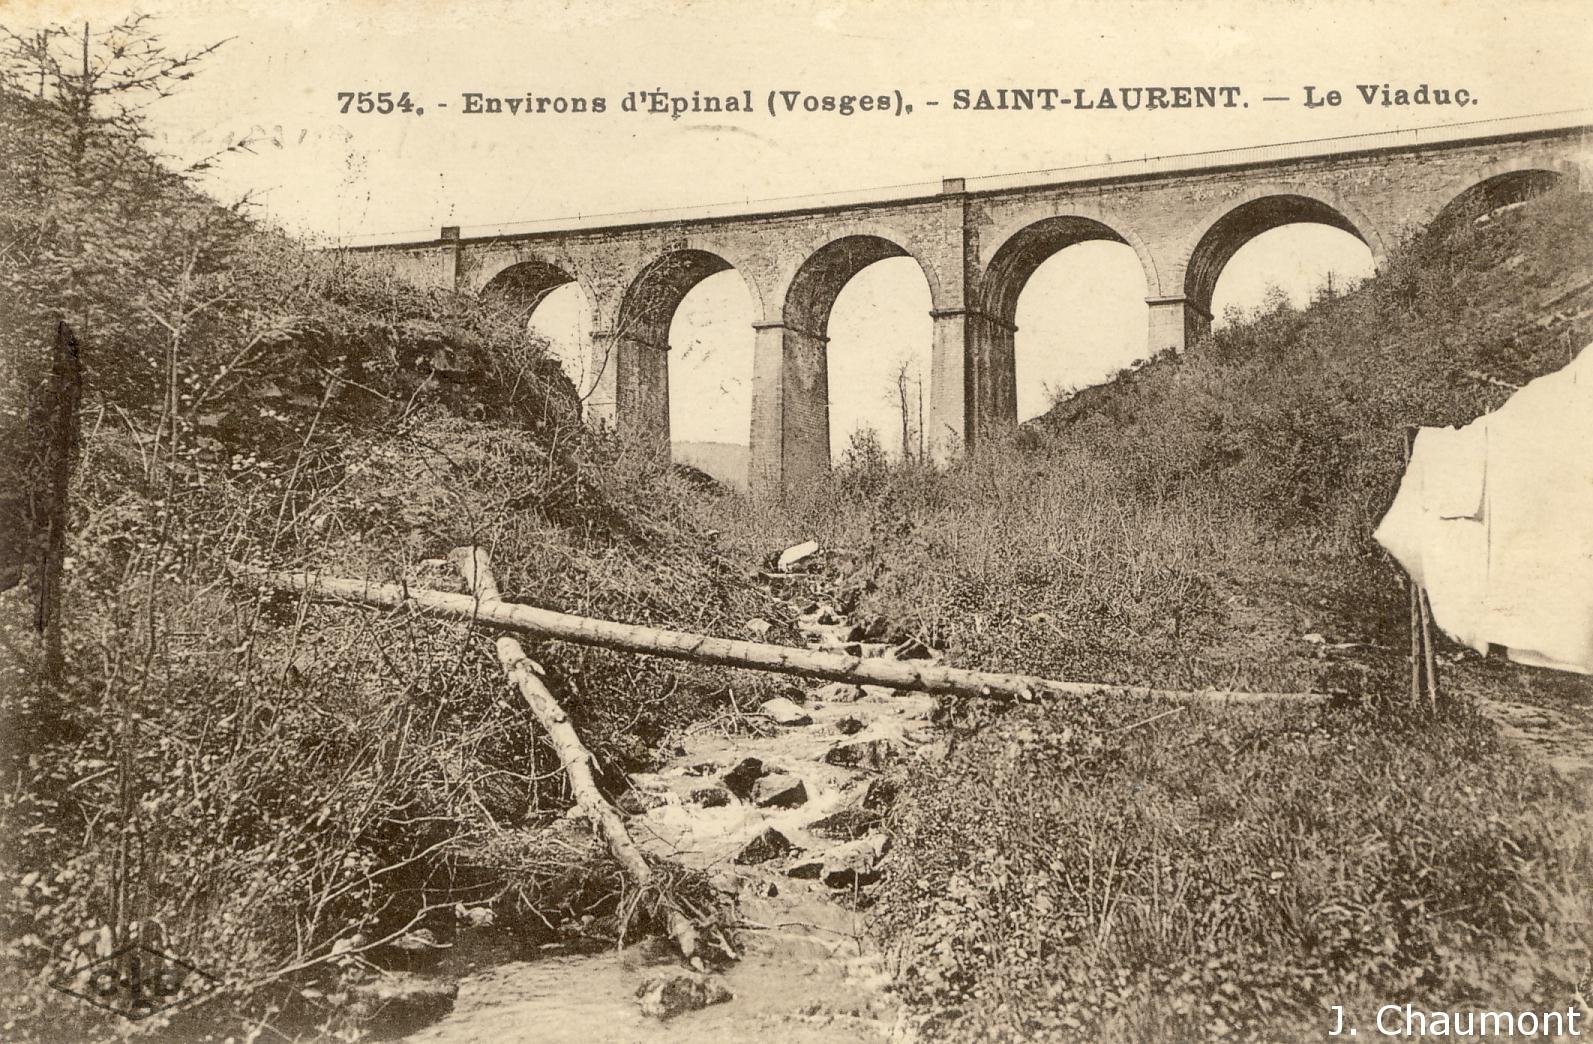 Viaduc de Saint-Laurent dans les années 1920